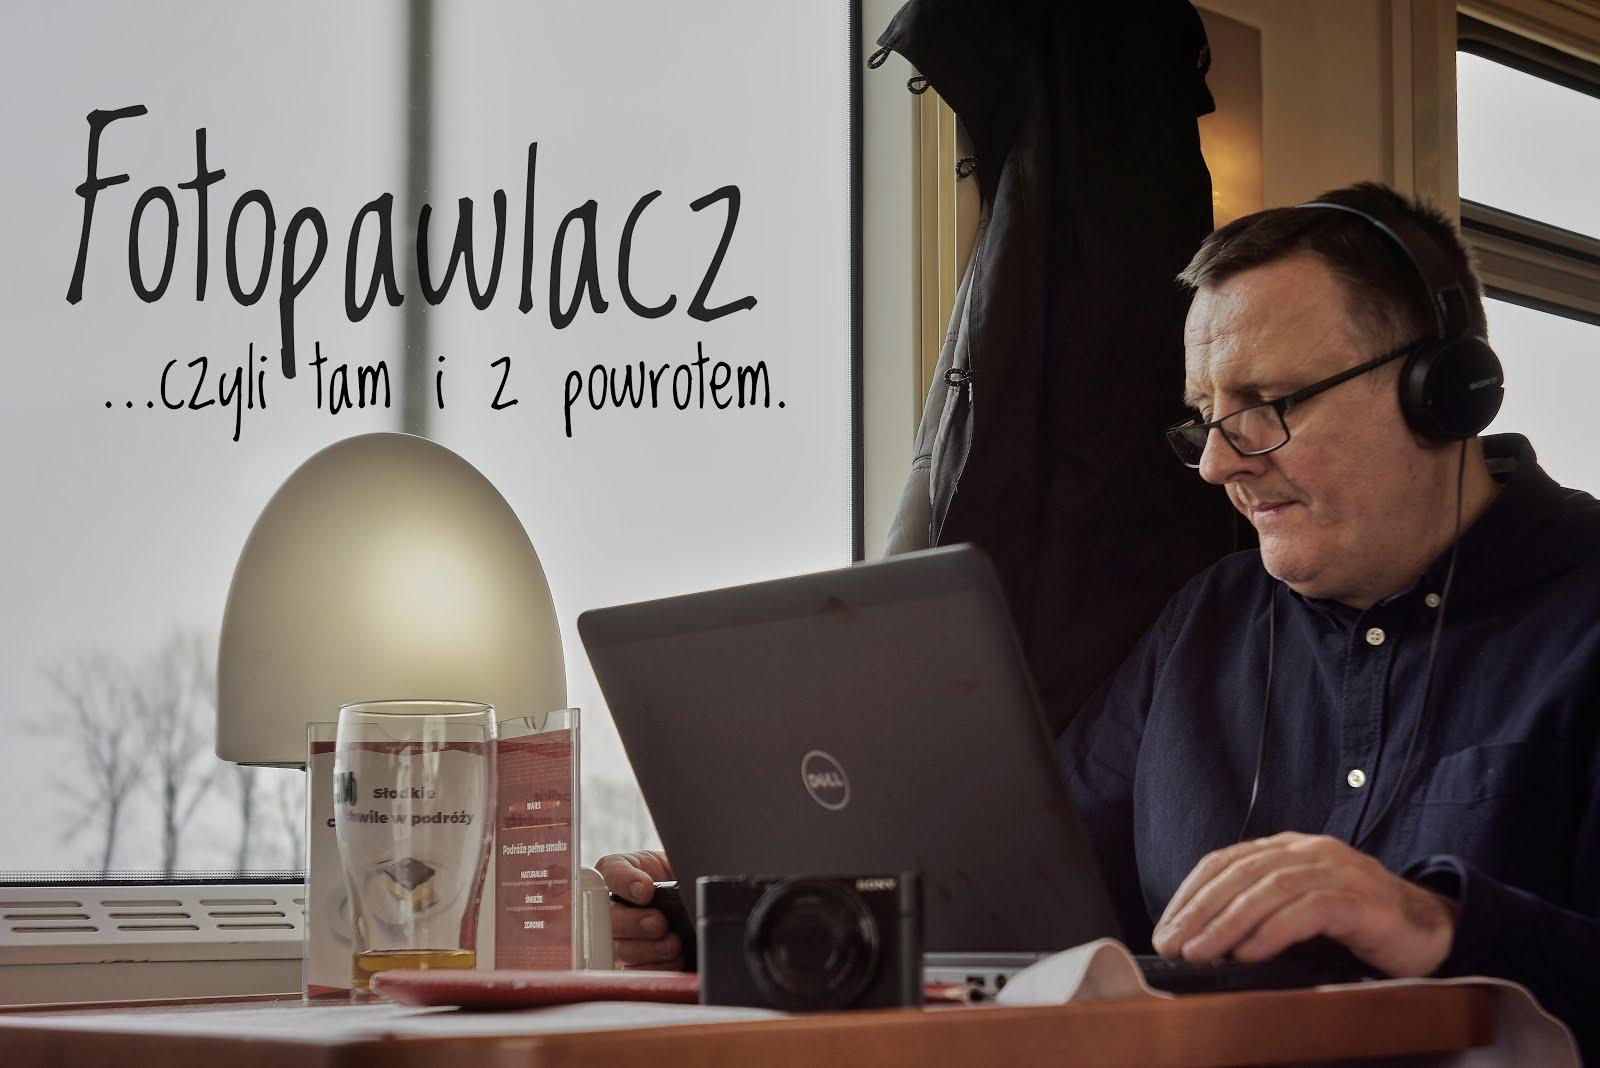 Foto Pawlacz, czyli tam i z powrotem